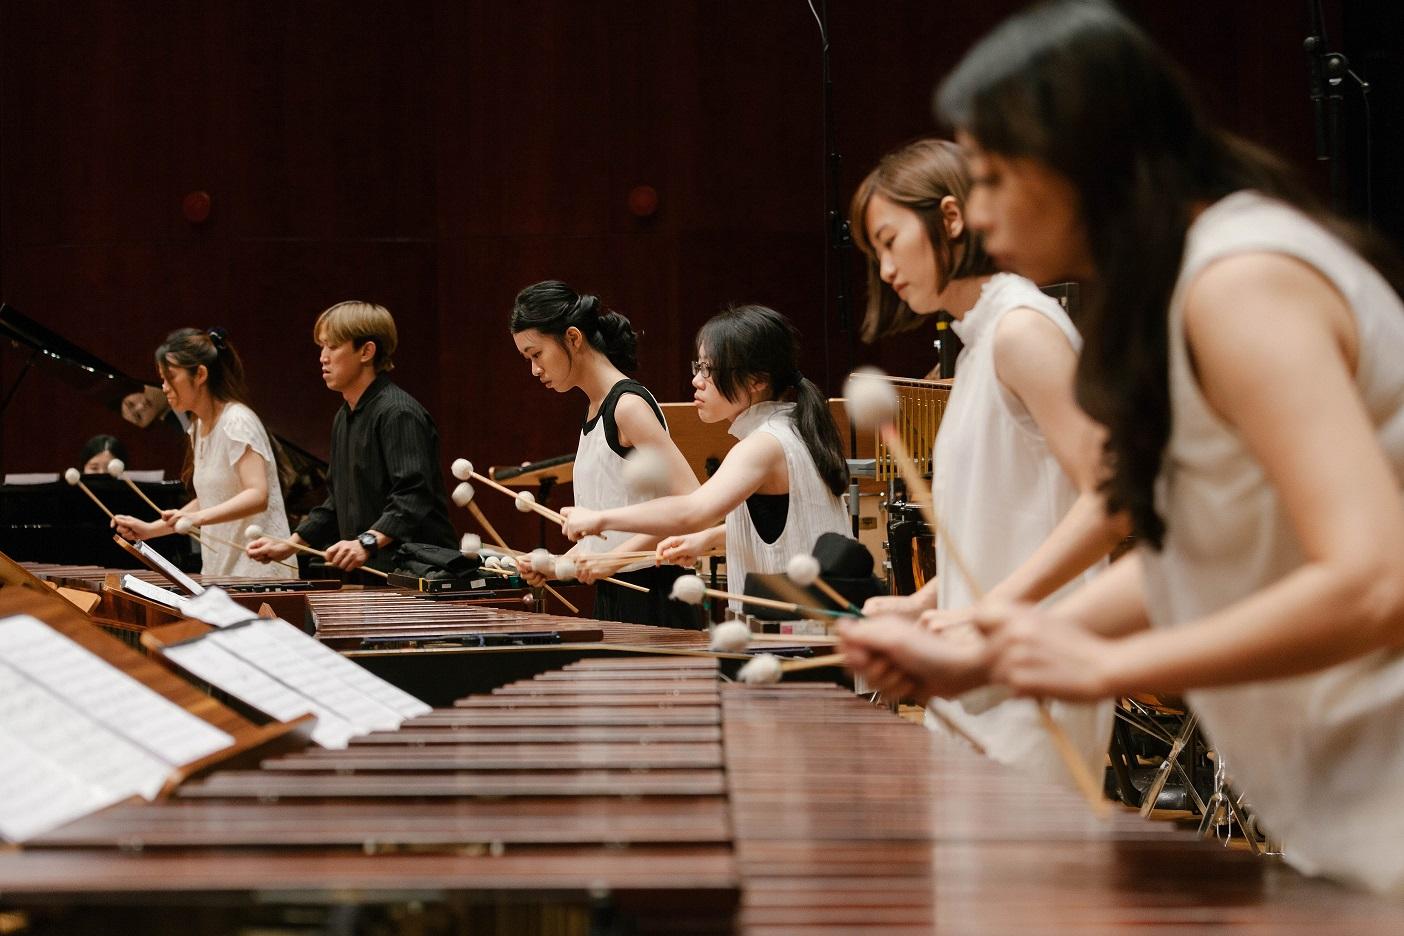 12月1日(日)14:30 台北打擊樂團《2019台北打擊樂團爵士音樂會「冬之旅」》